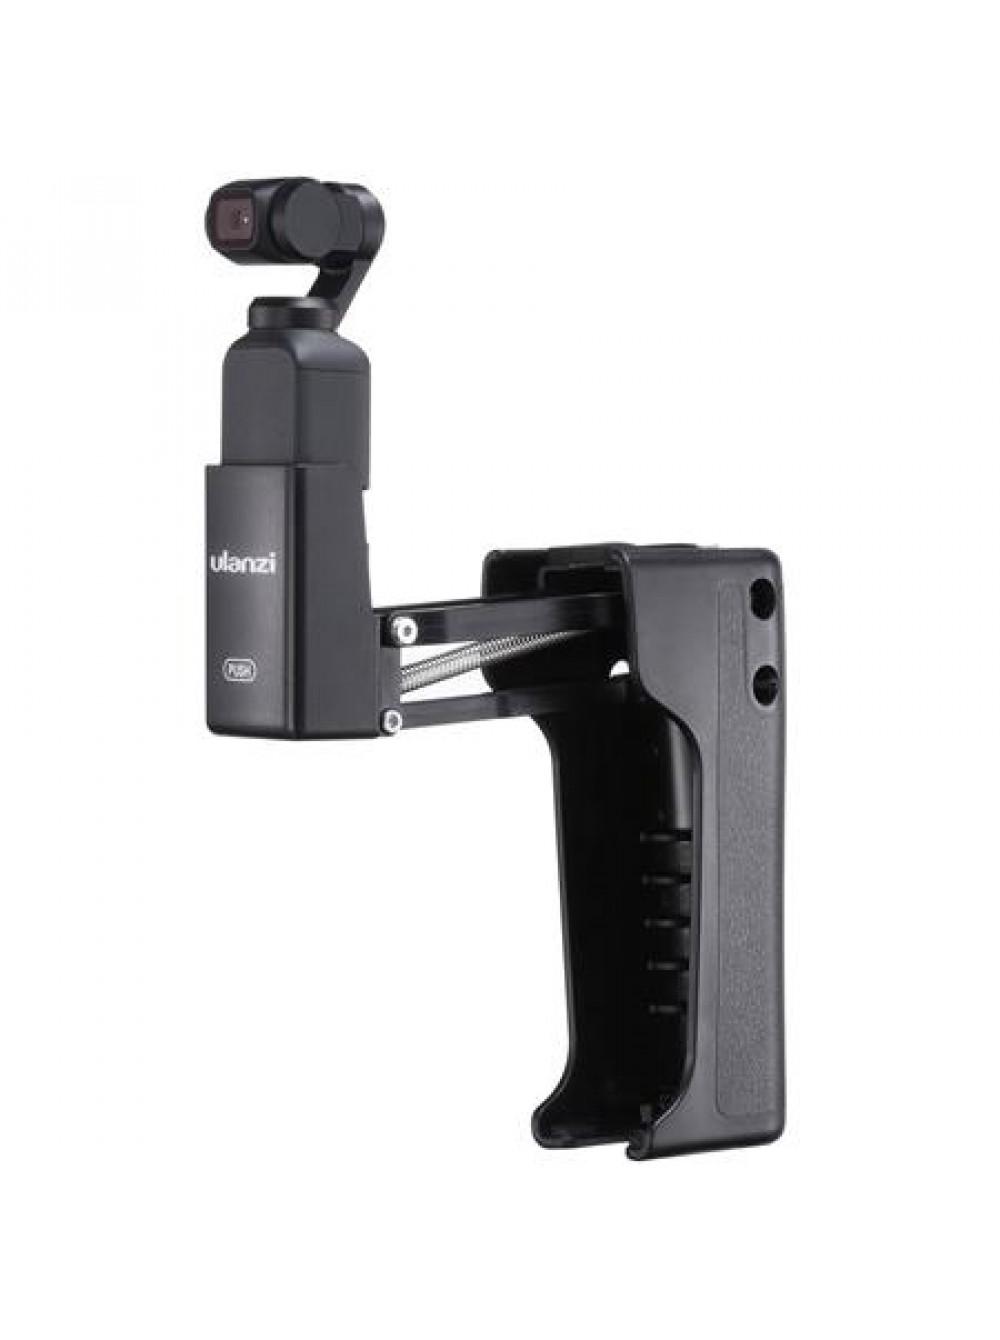 Ручка Ulanzi OP-9 с 4-осной стабилизацией для DJI Osmo Pocket